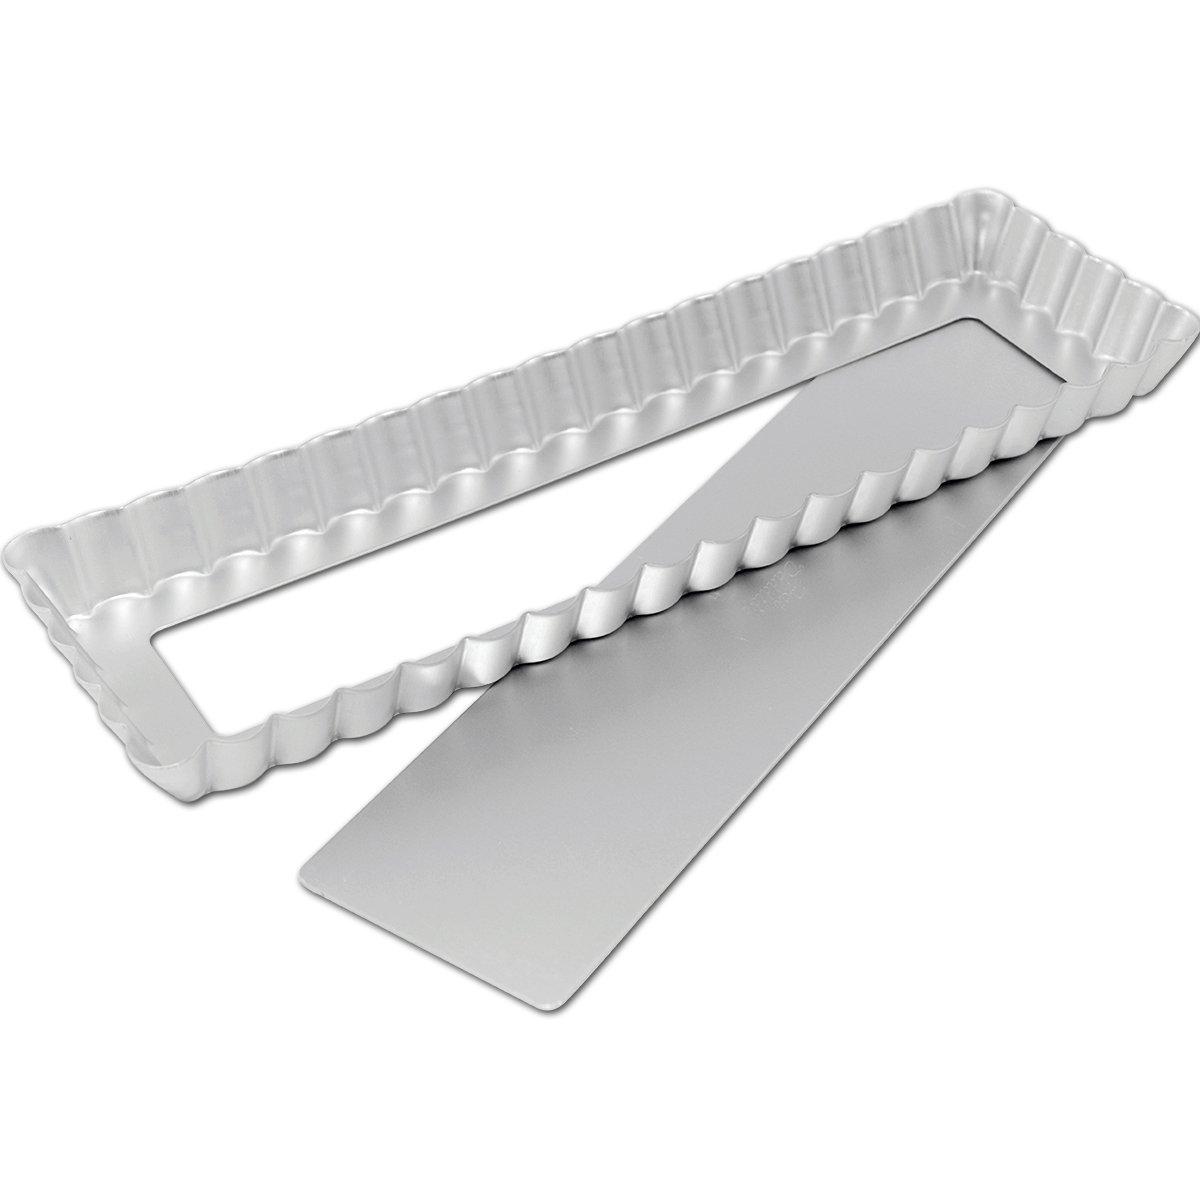 Fat Daddio's Anodized Aluminum Square/Rectangle Tarts, 13.75 Inches by 4.25 Inches by 1 Inch by Fat Daddio's